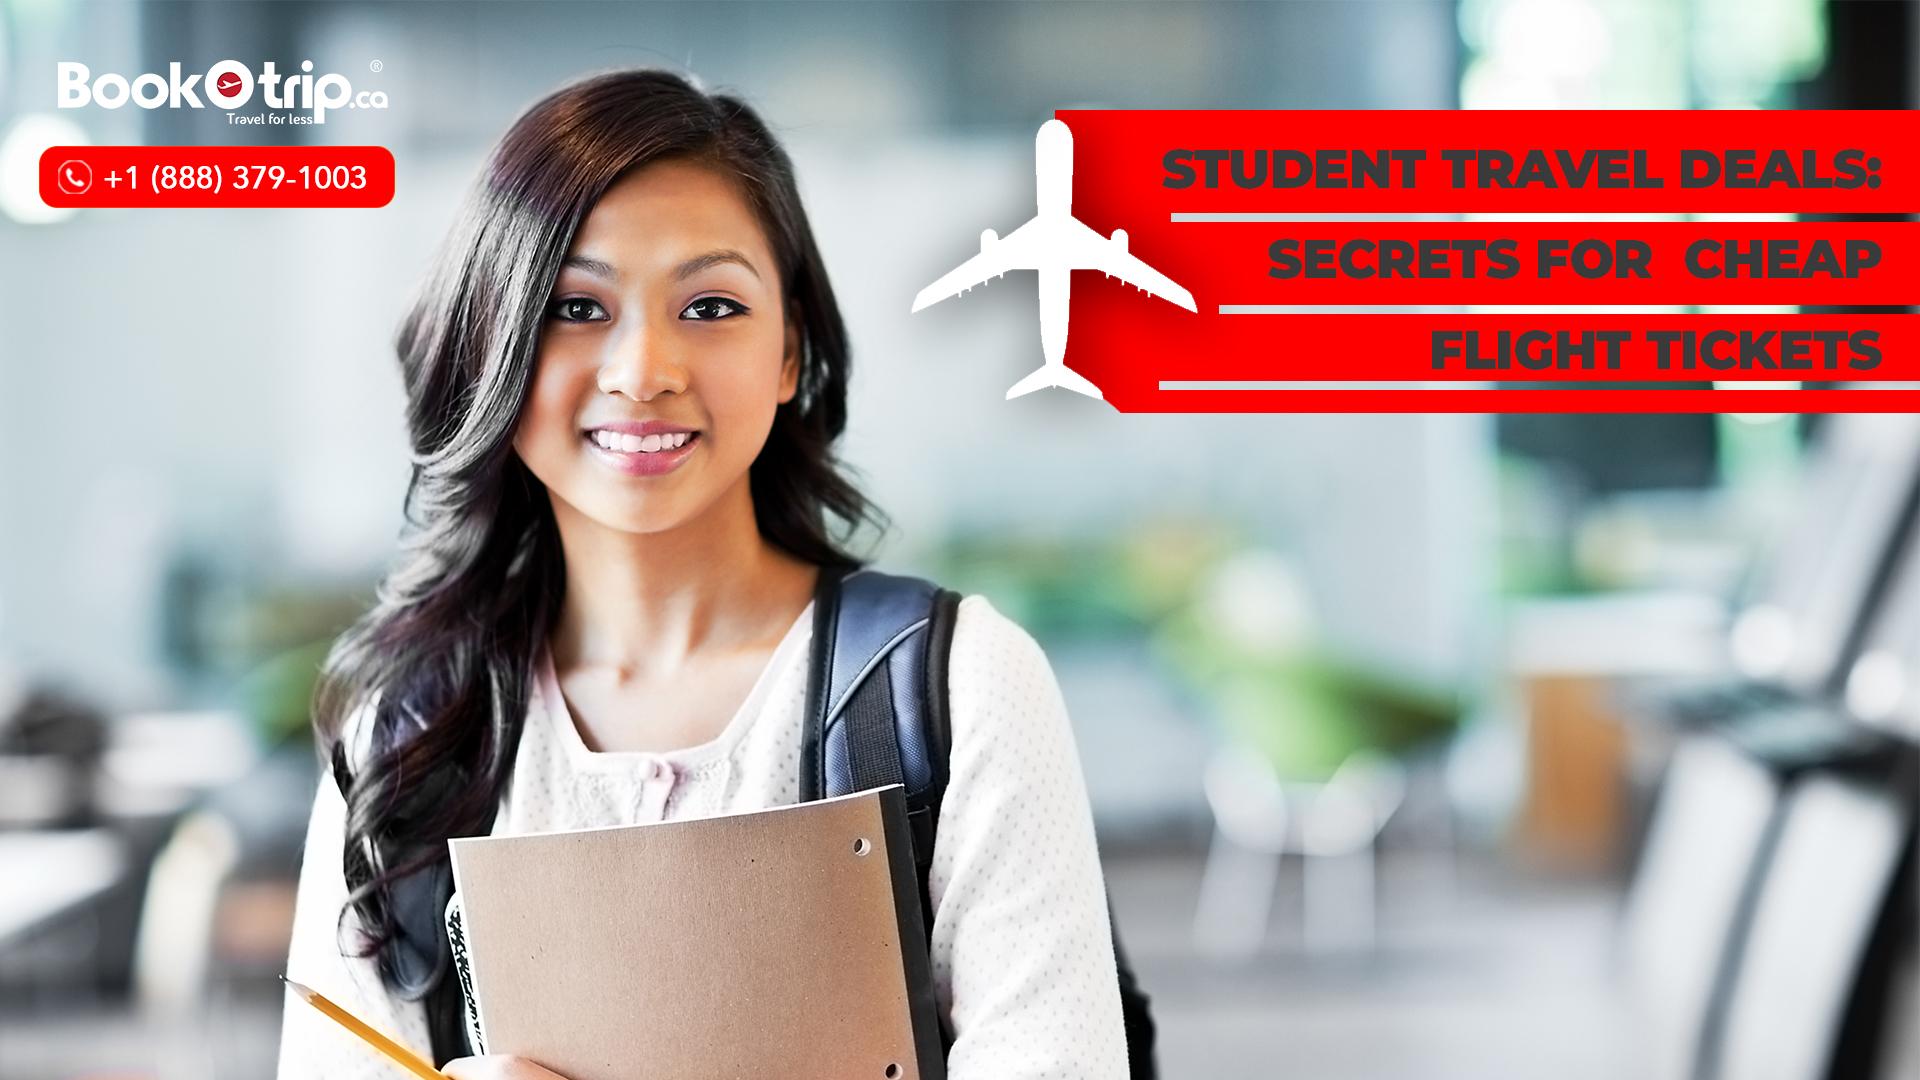 Student Flight Deals- BookOtrip.ca